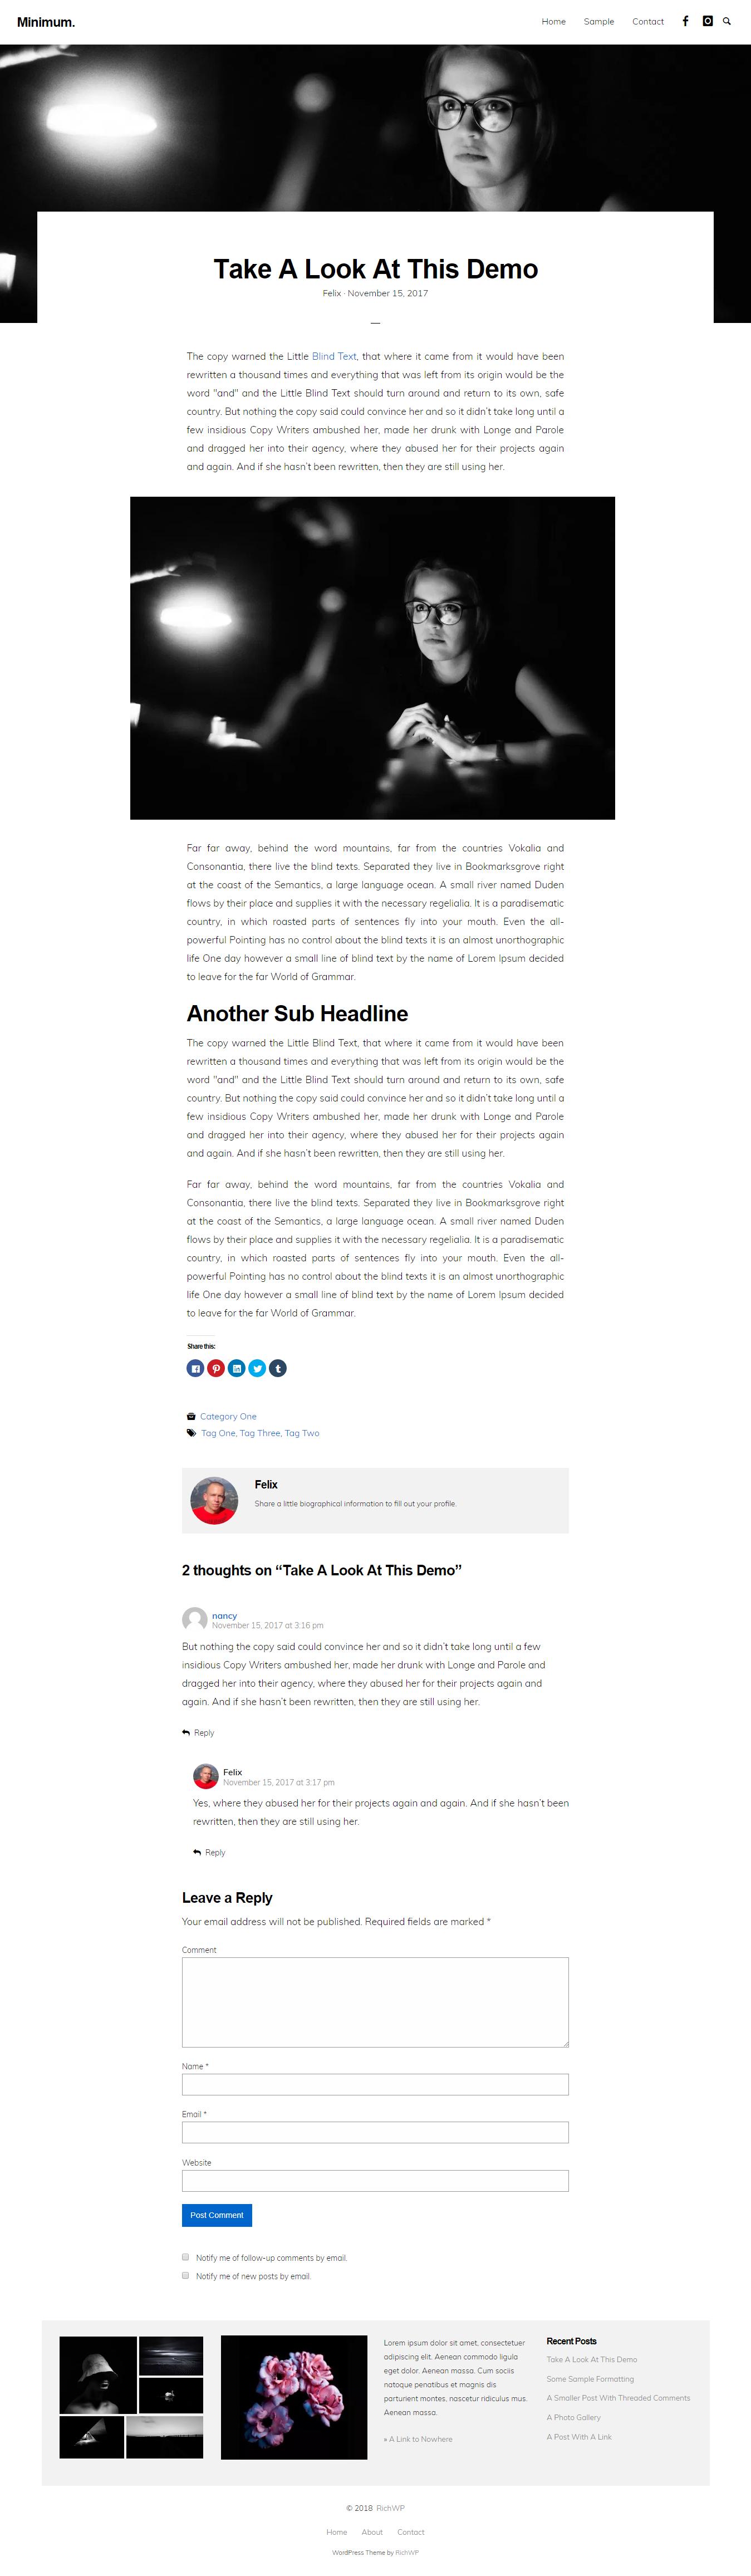 Minimum Minimal - Best Free Minimal WordPress Theme